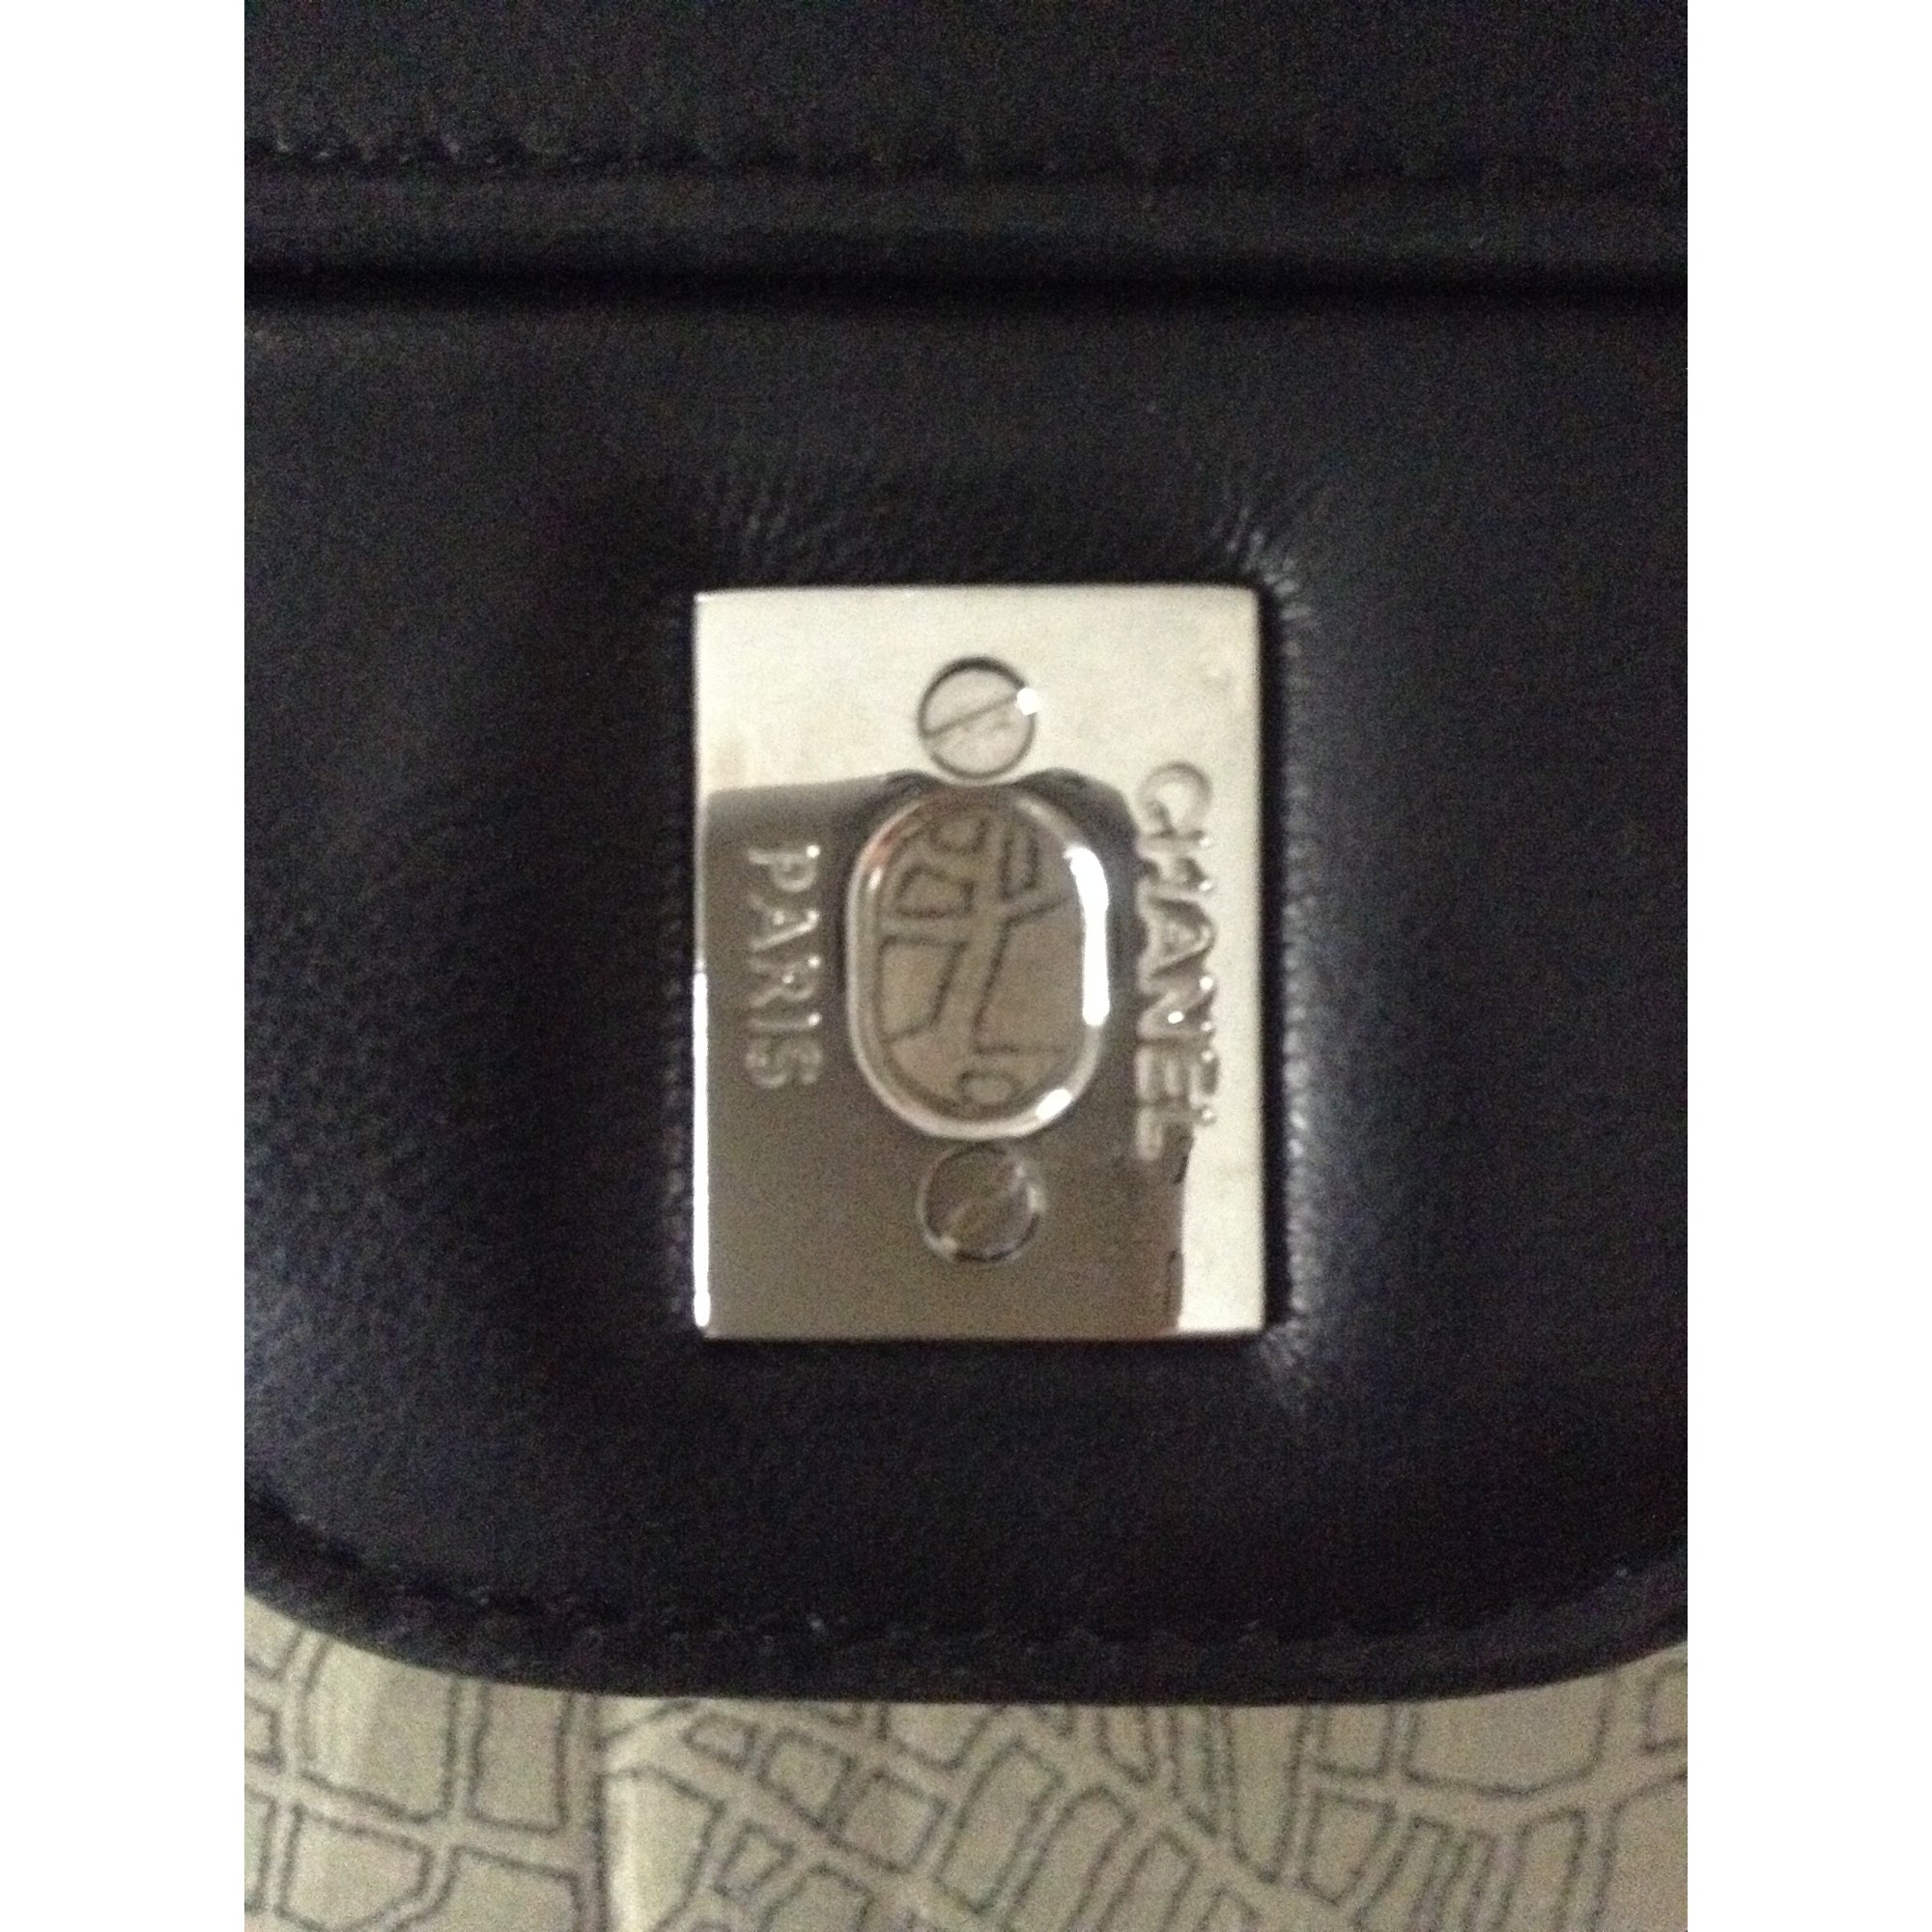 bc4c9960a595 Sac en bandoulière en cuir CHANEL jumbo noir - 3146306